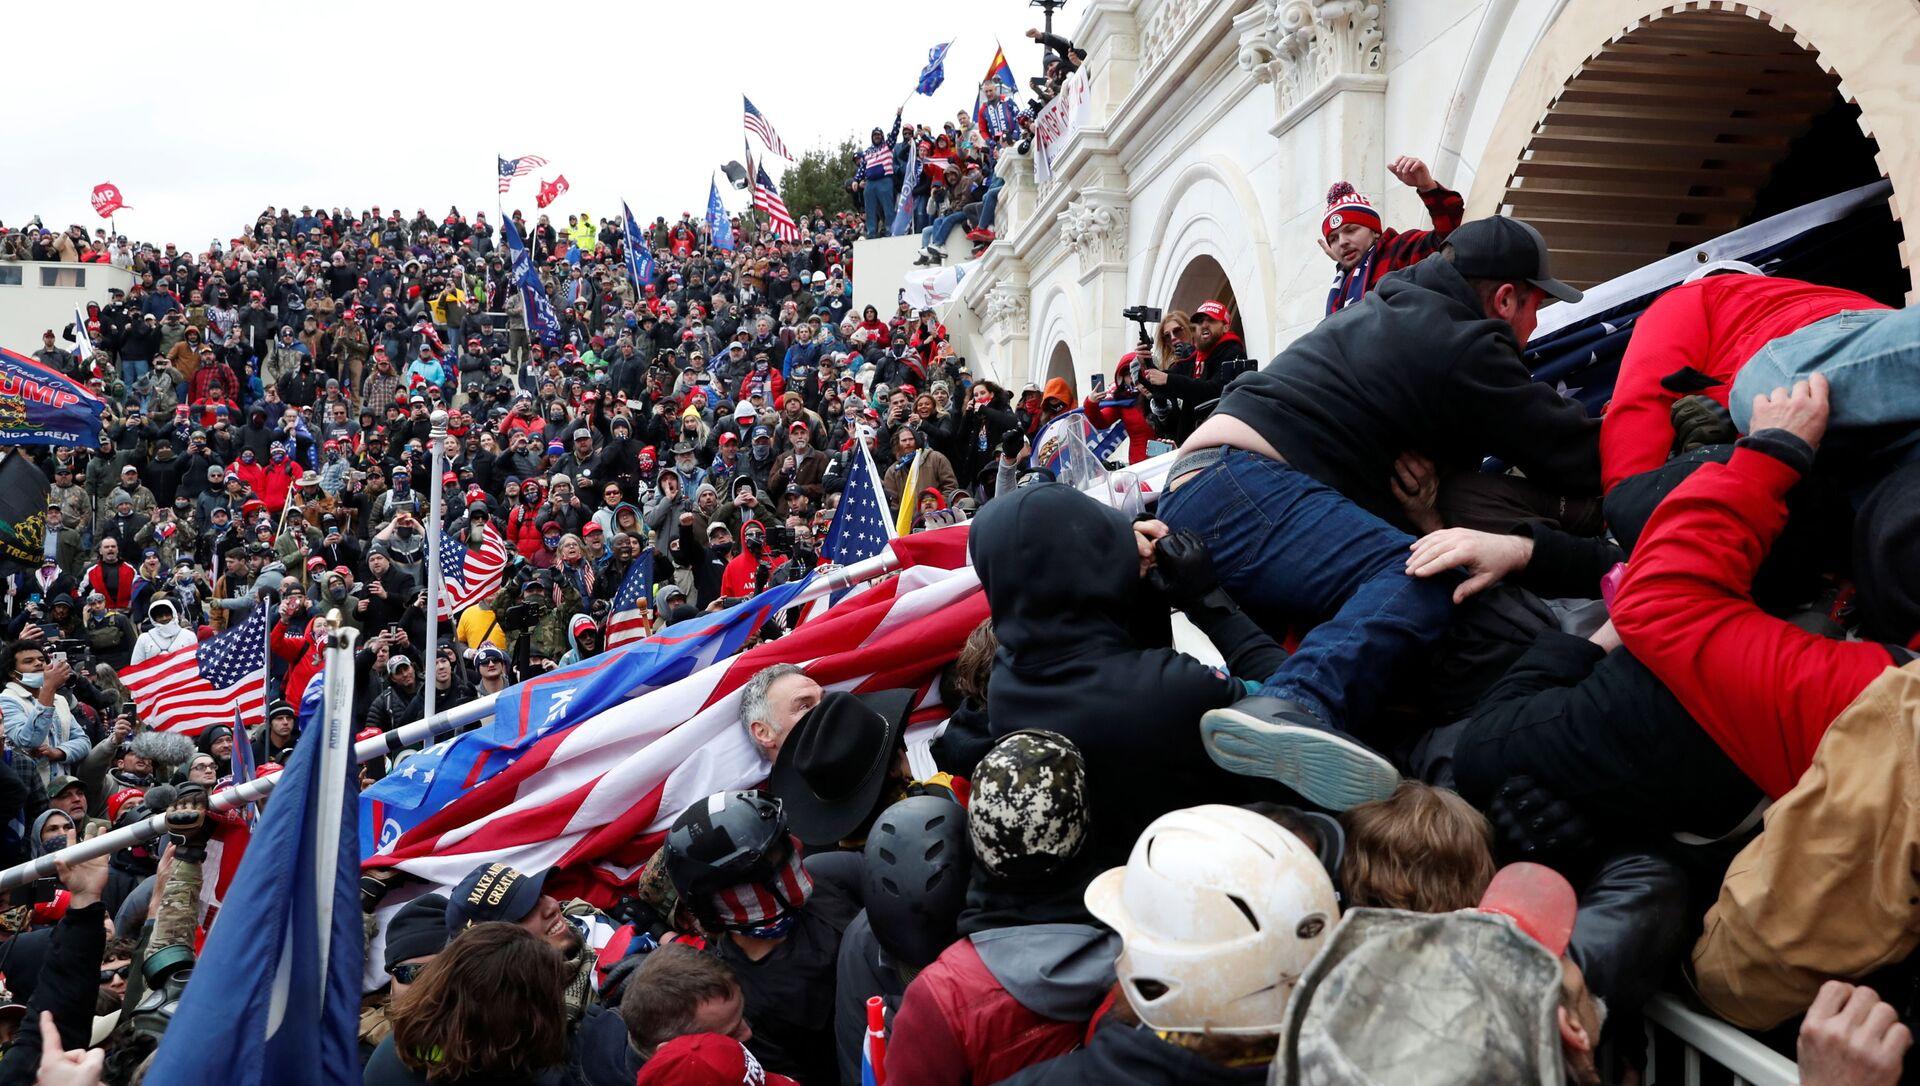 Protestujący zwolennicy obecnego prezydenta USA Donalda Trumpa przed Kapitolem w Waszyngtonie - Sputnik Polska, 1920, 02.02.2021